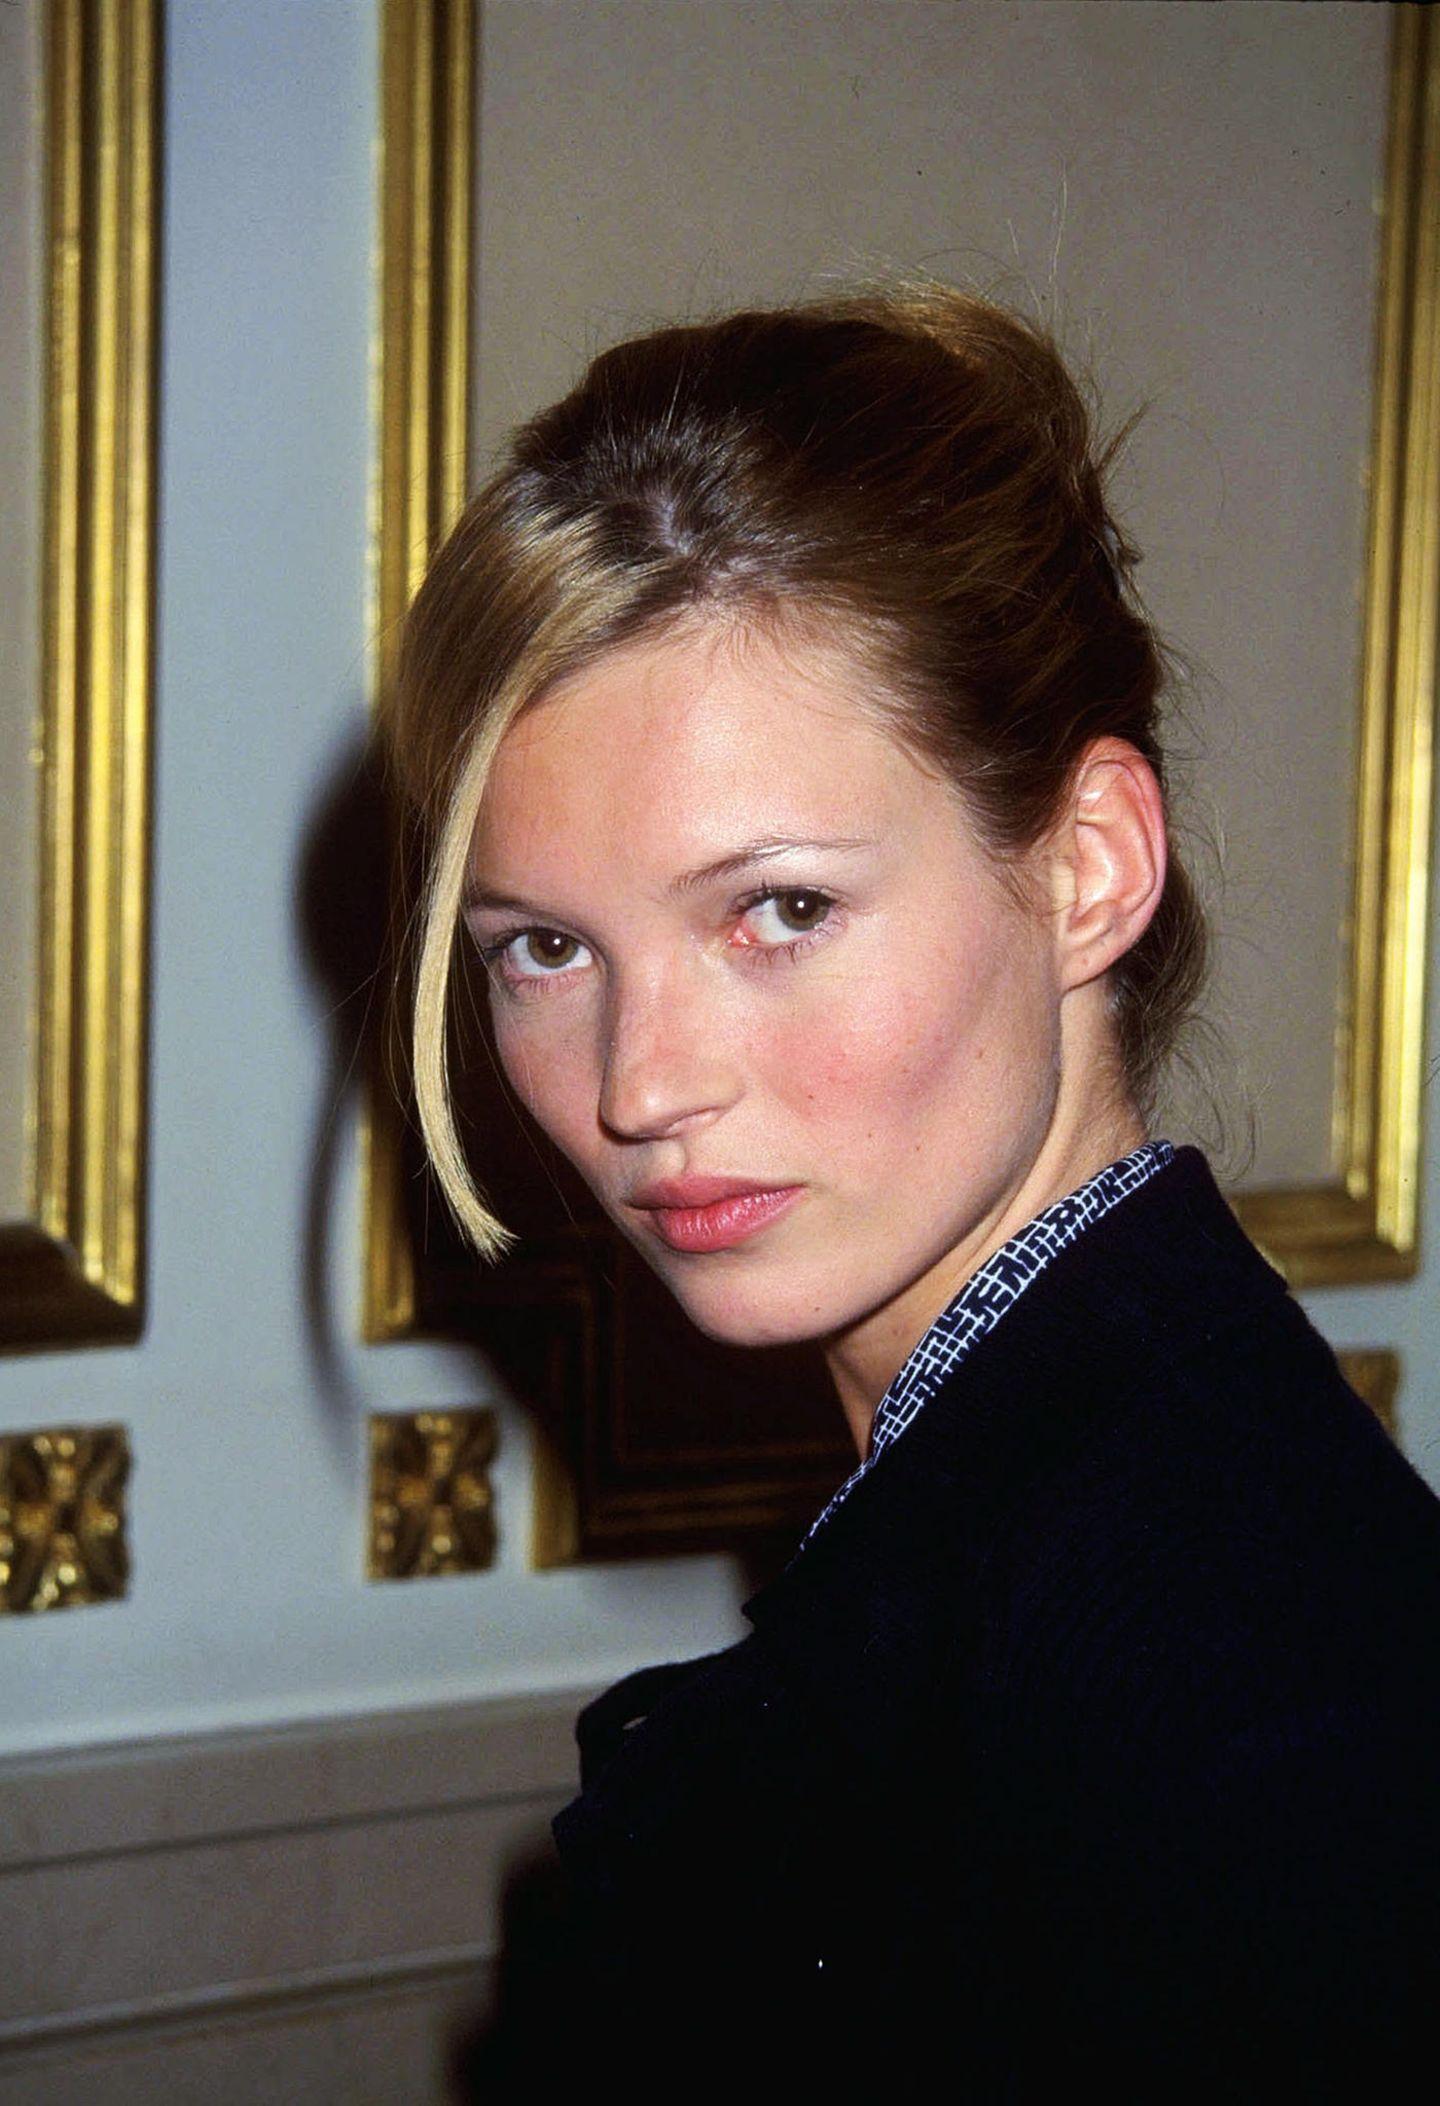 Supermodels vor ihrer Karriere und heute: Kate Moss früher